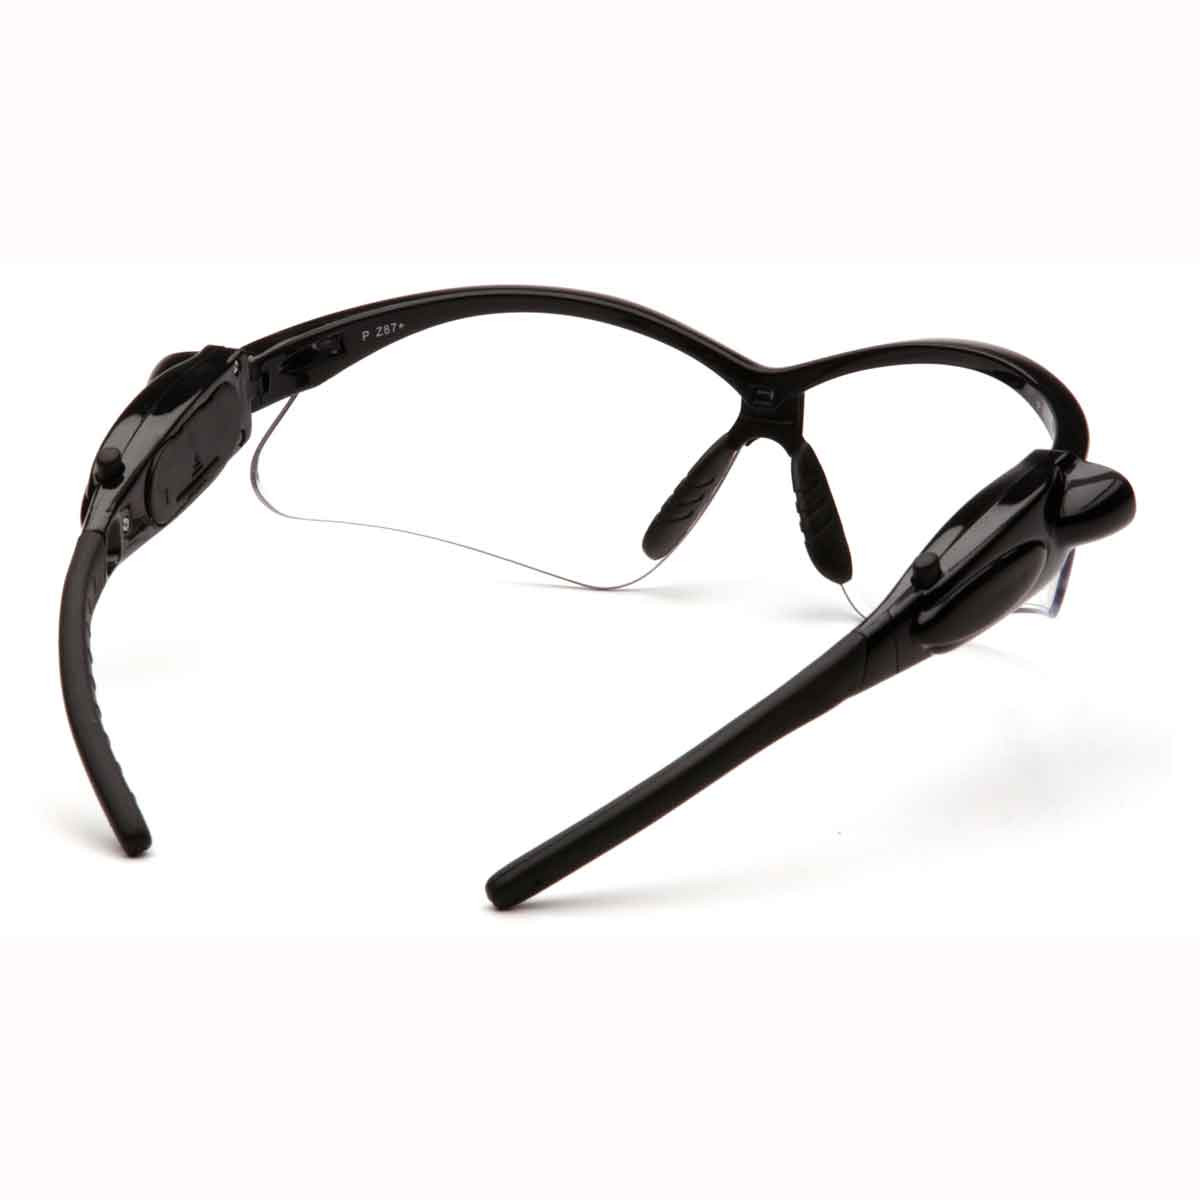 Pyramex LED Safety Glasses SB6310SPLED